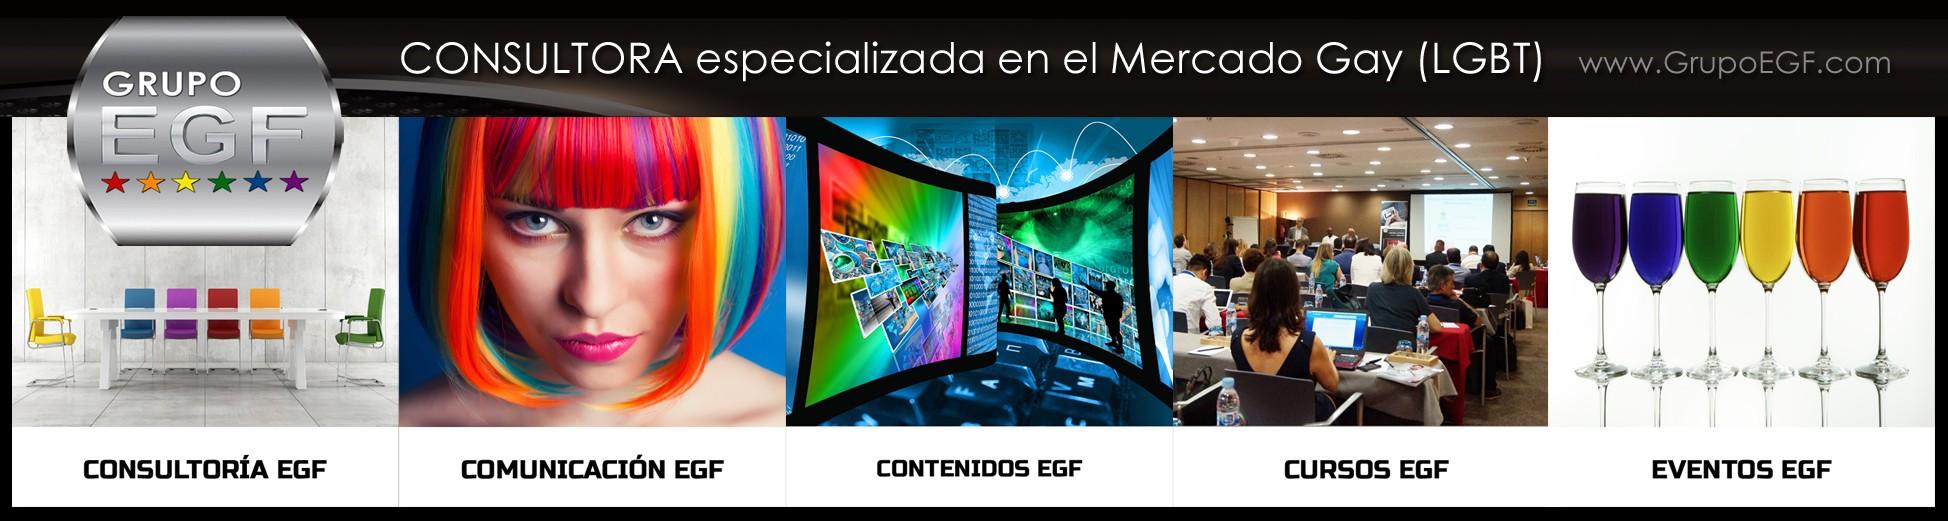 Consultora Grupo EGF y el Mercado Gay